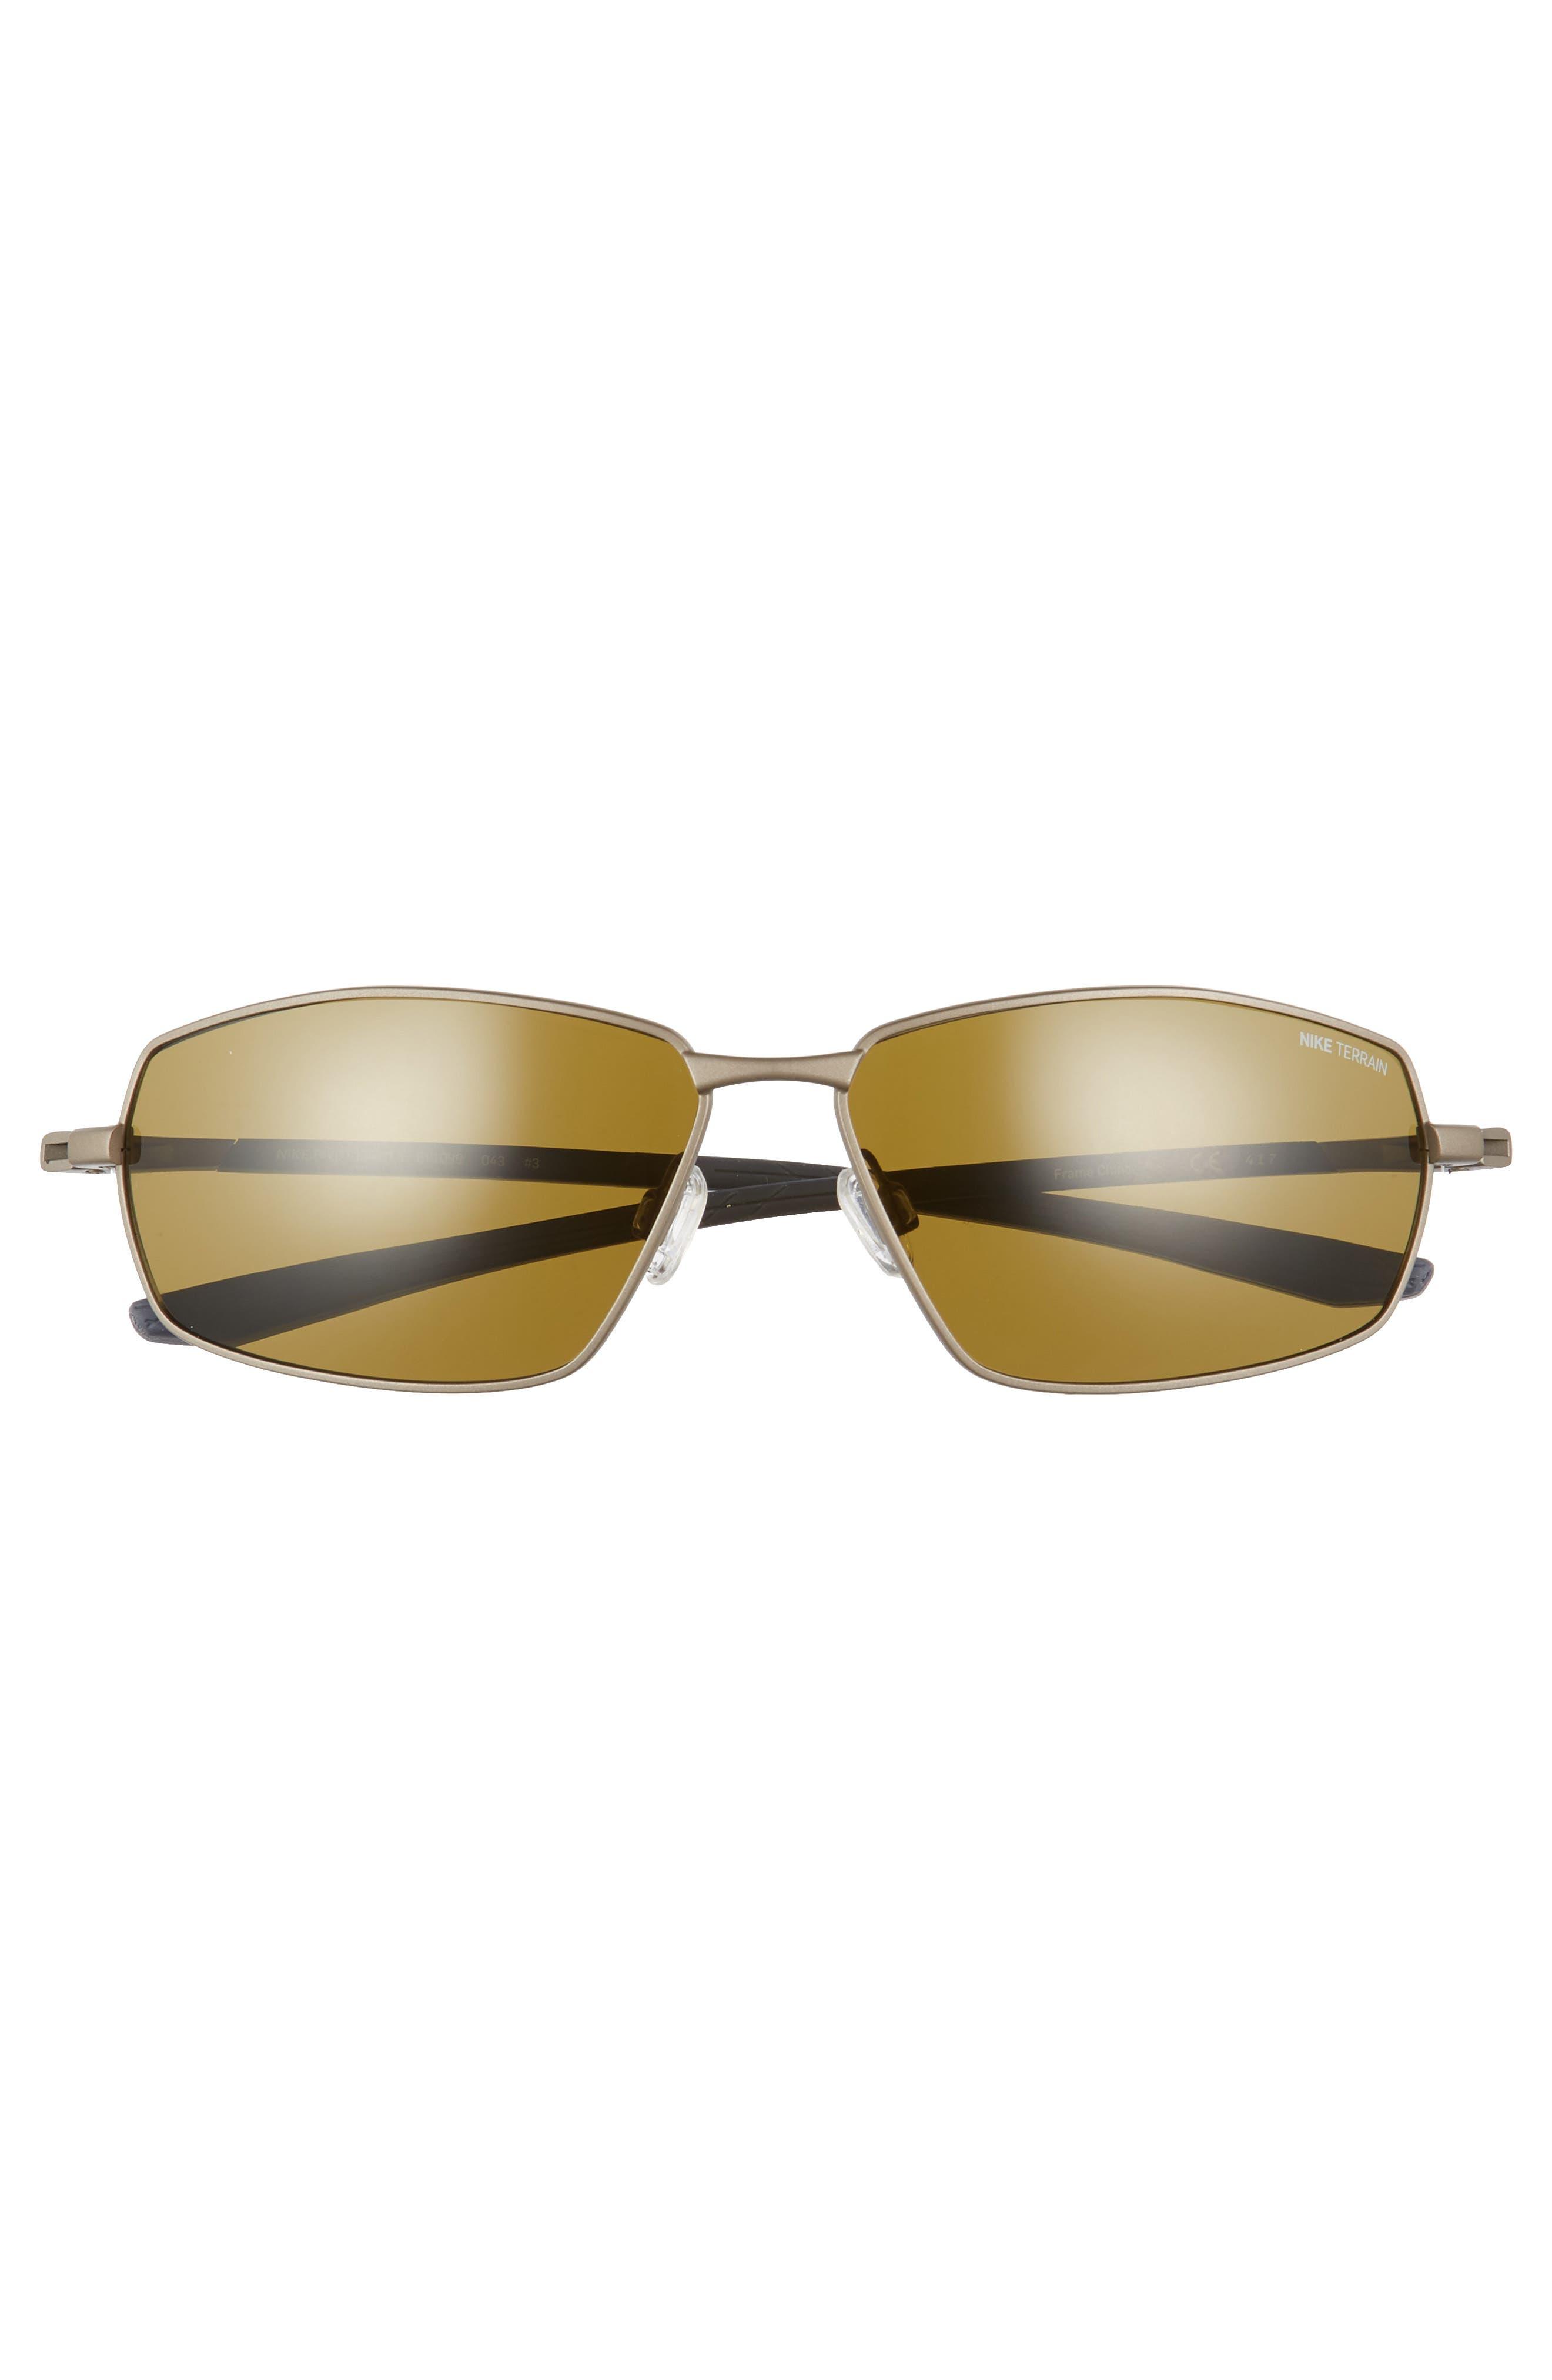 Pivot Eight E 62mm Oversize Sunglasses,                             Alternate thumbnail 2, color,                             Satin Pewter/ Terrain Tint